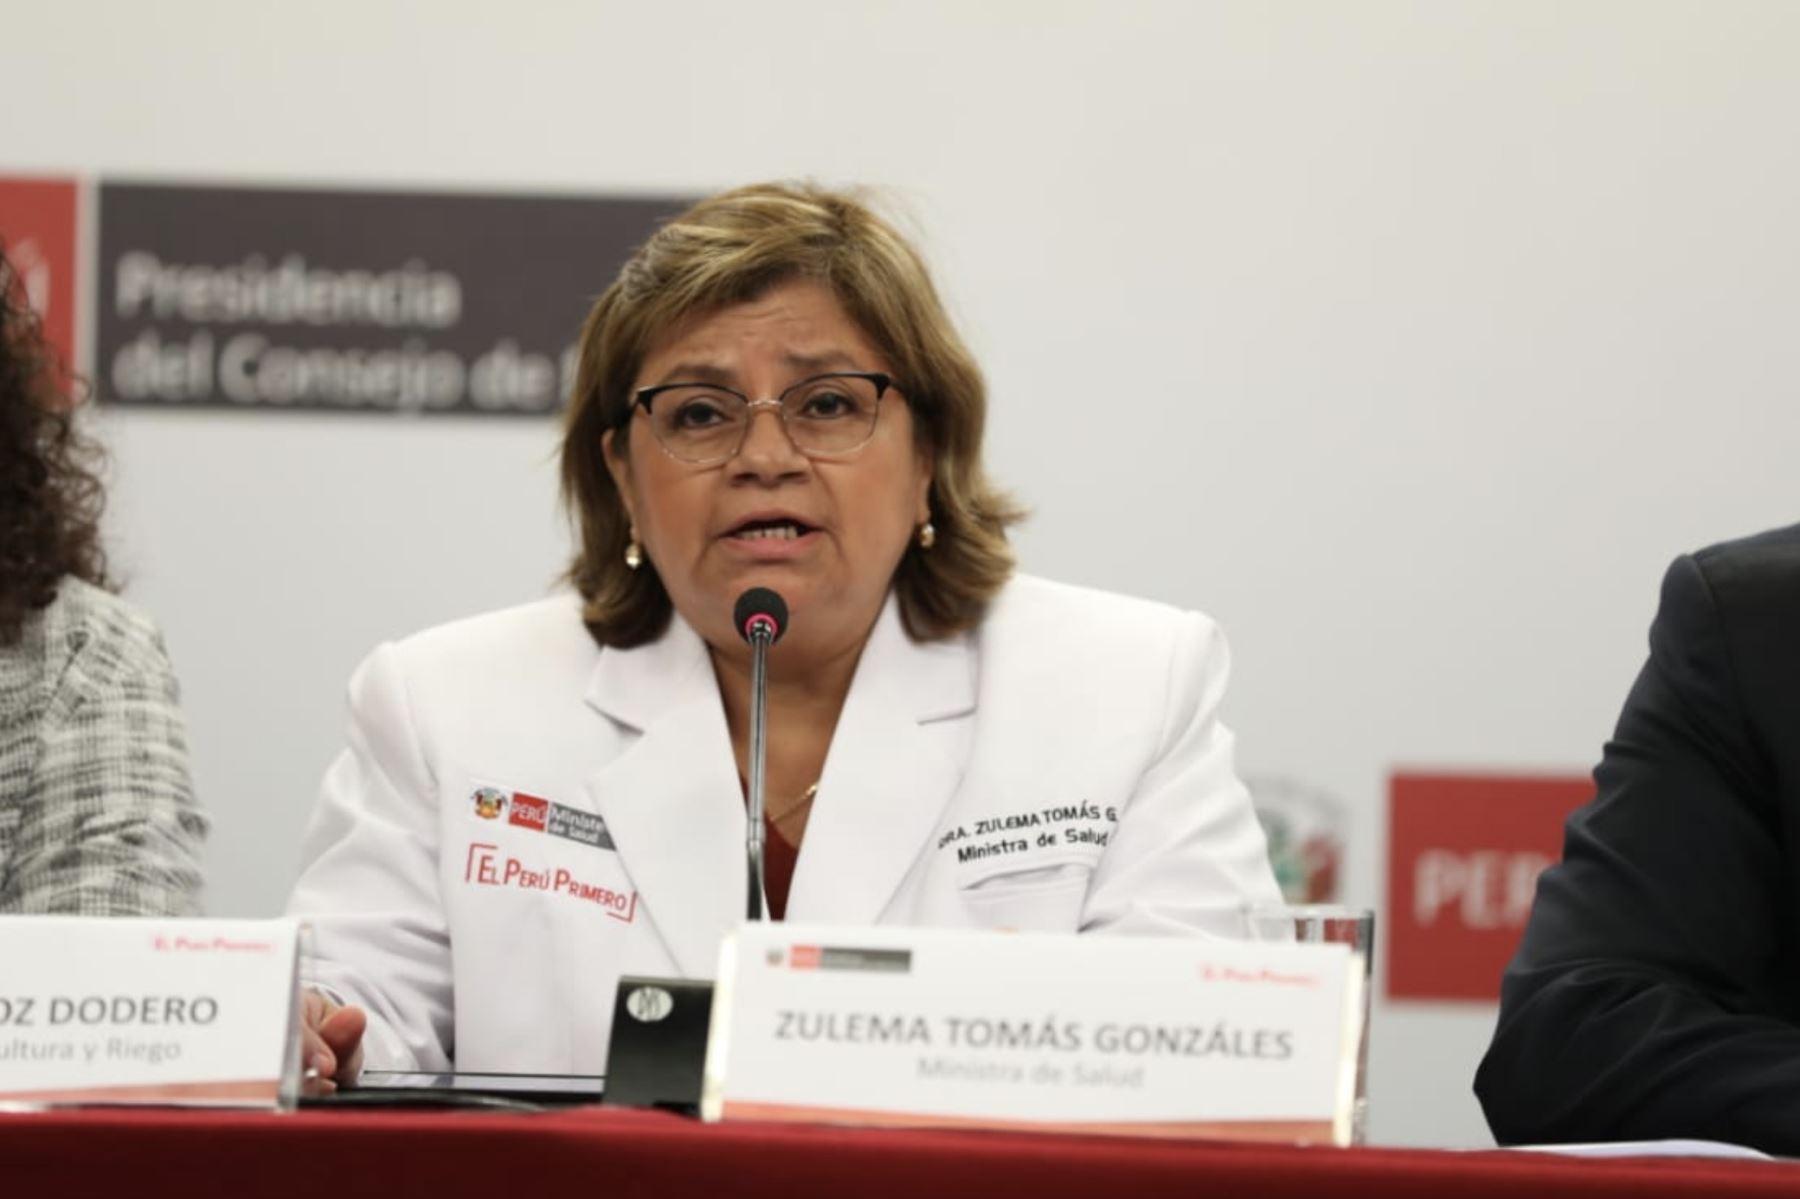 Ministra de Salud, Zulema Tomás participa en conferencia de prensa junto al  primer Ministro Del Solar. Foto: ANDINA/PCM